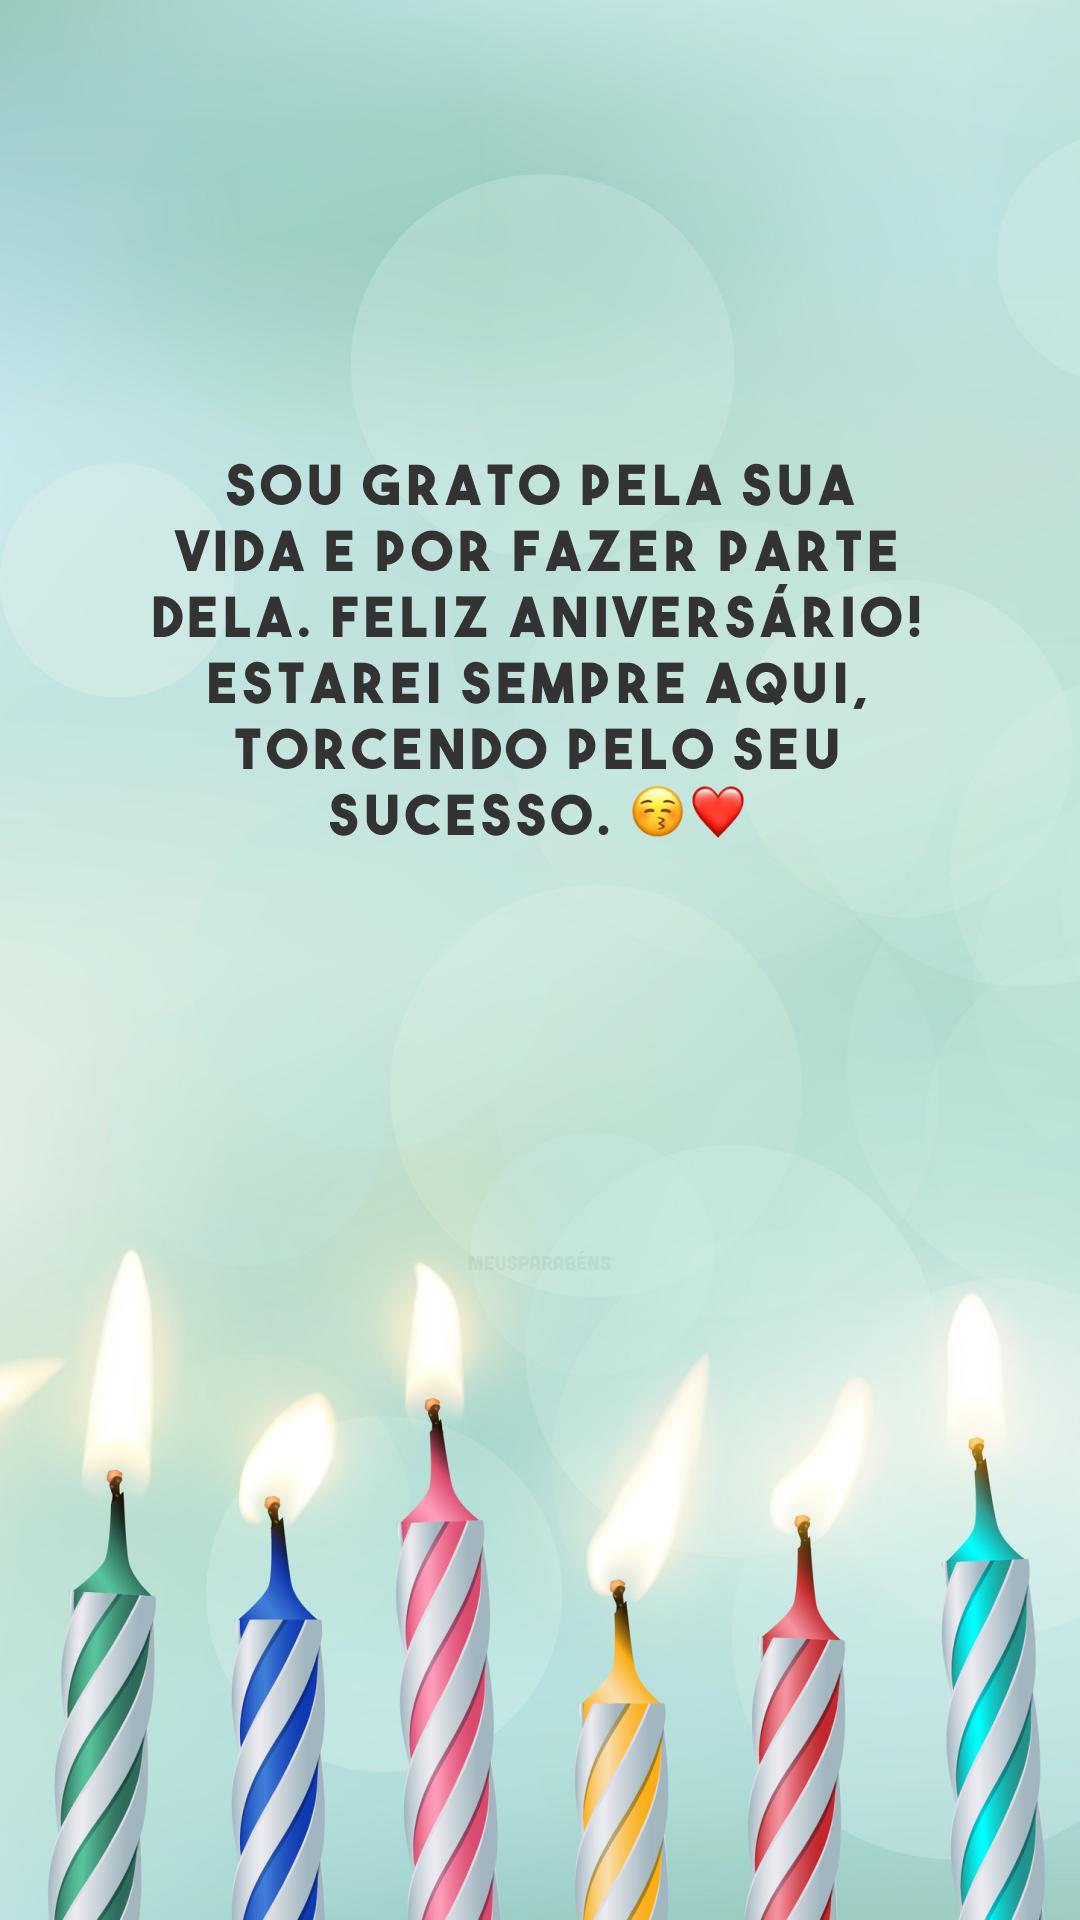 Sou grato pela sua vida e por fazer parte dela. Feliz aniversário! Estarei sempre aqui, torcendo pelo seu sucesso. 😚❤️